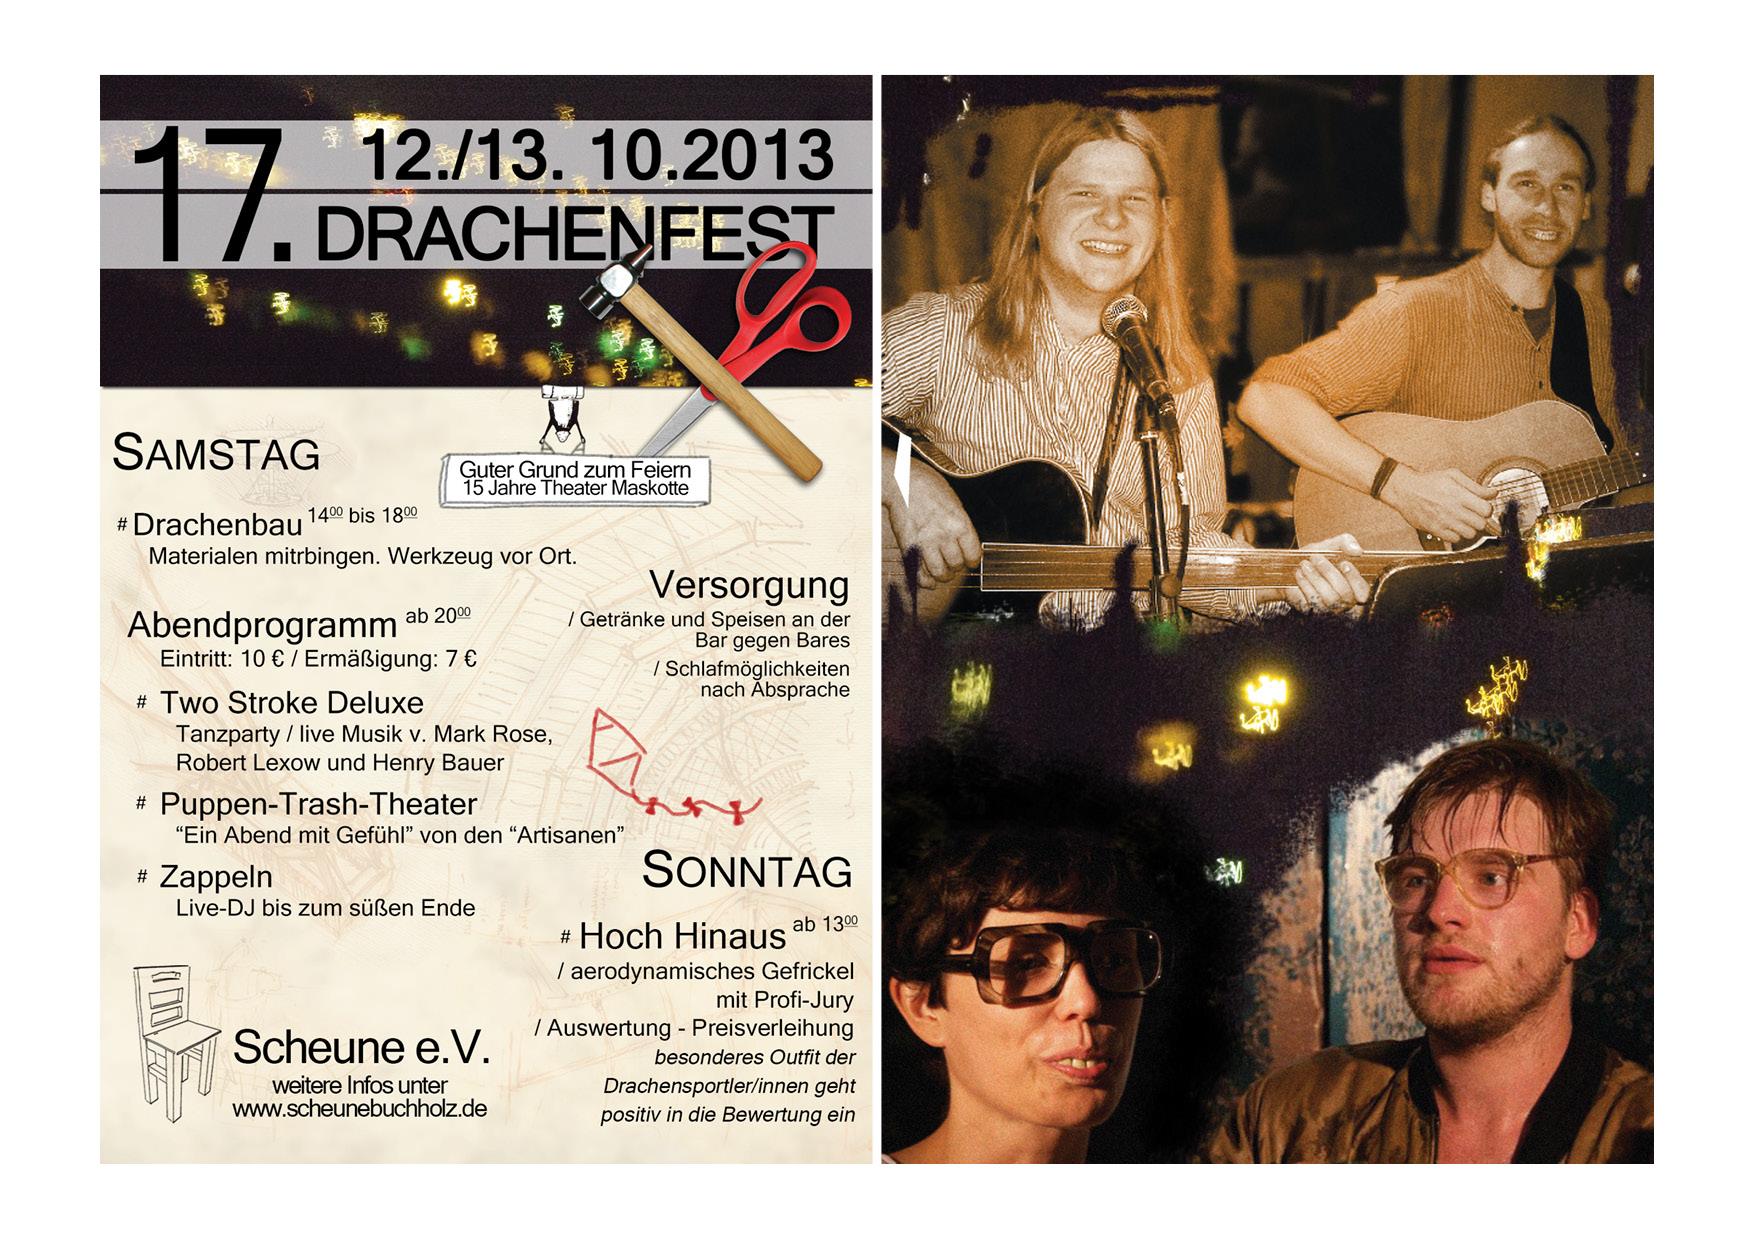 offzieller Drachenfestflyer 2013